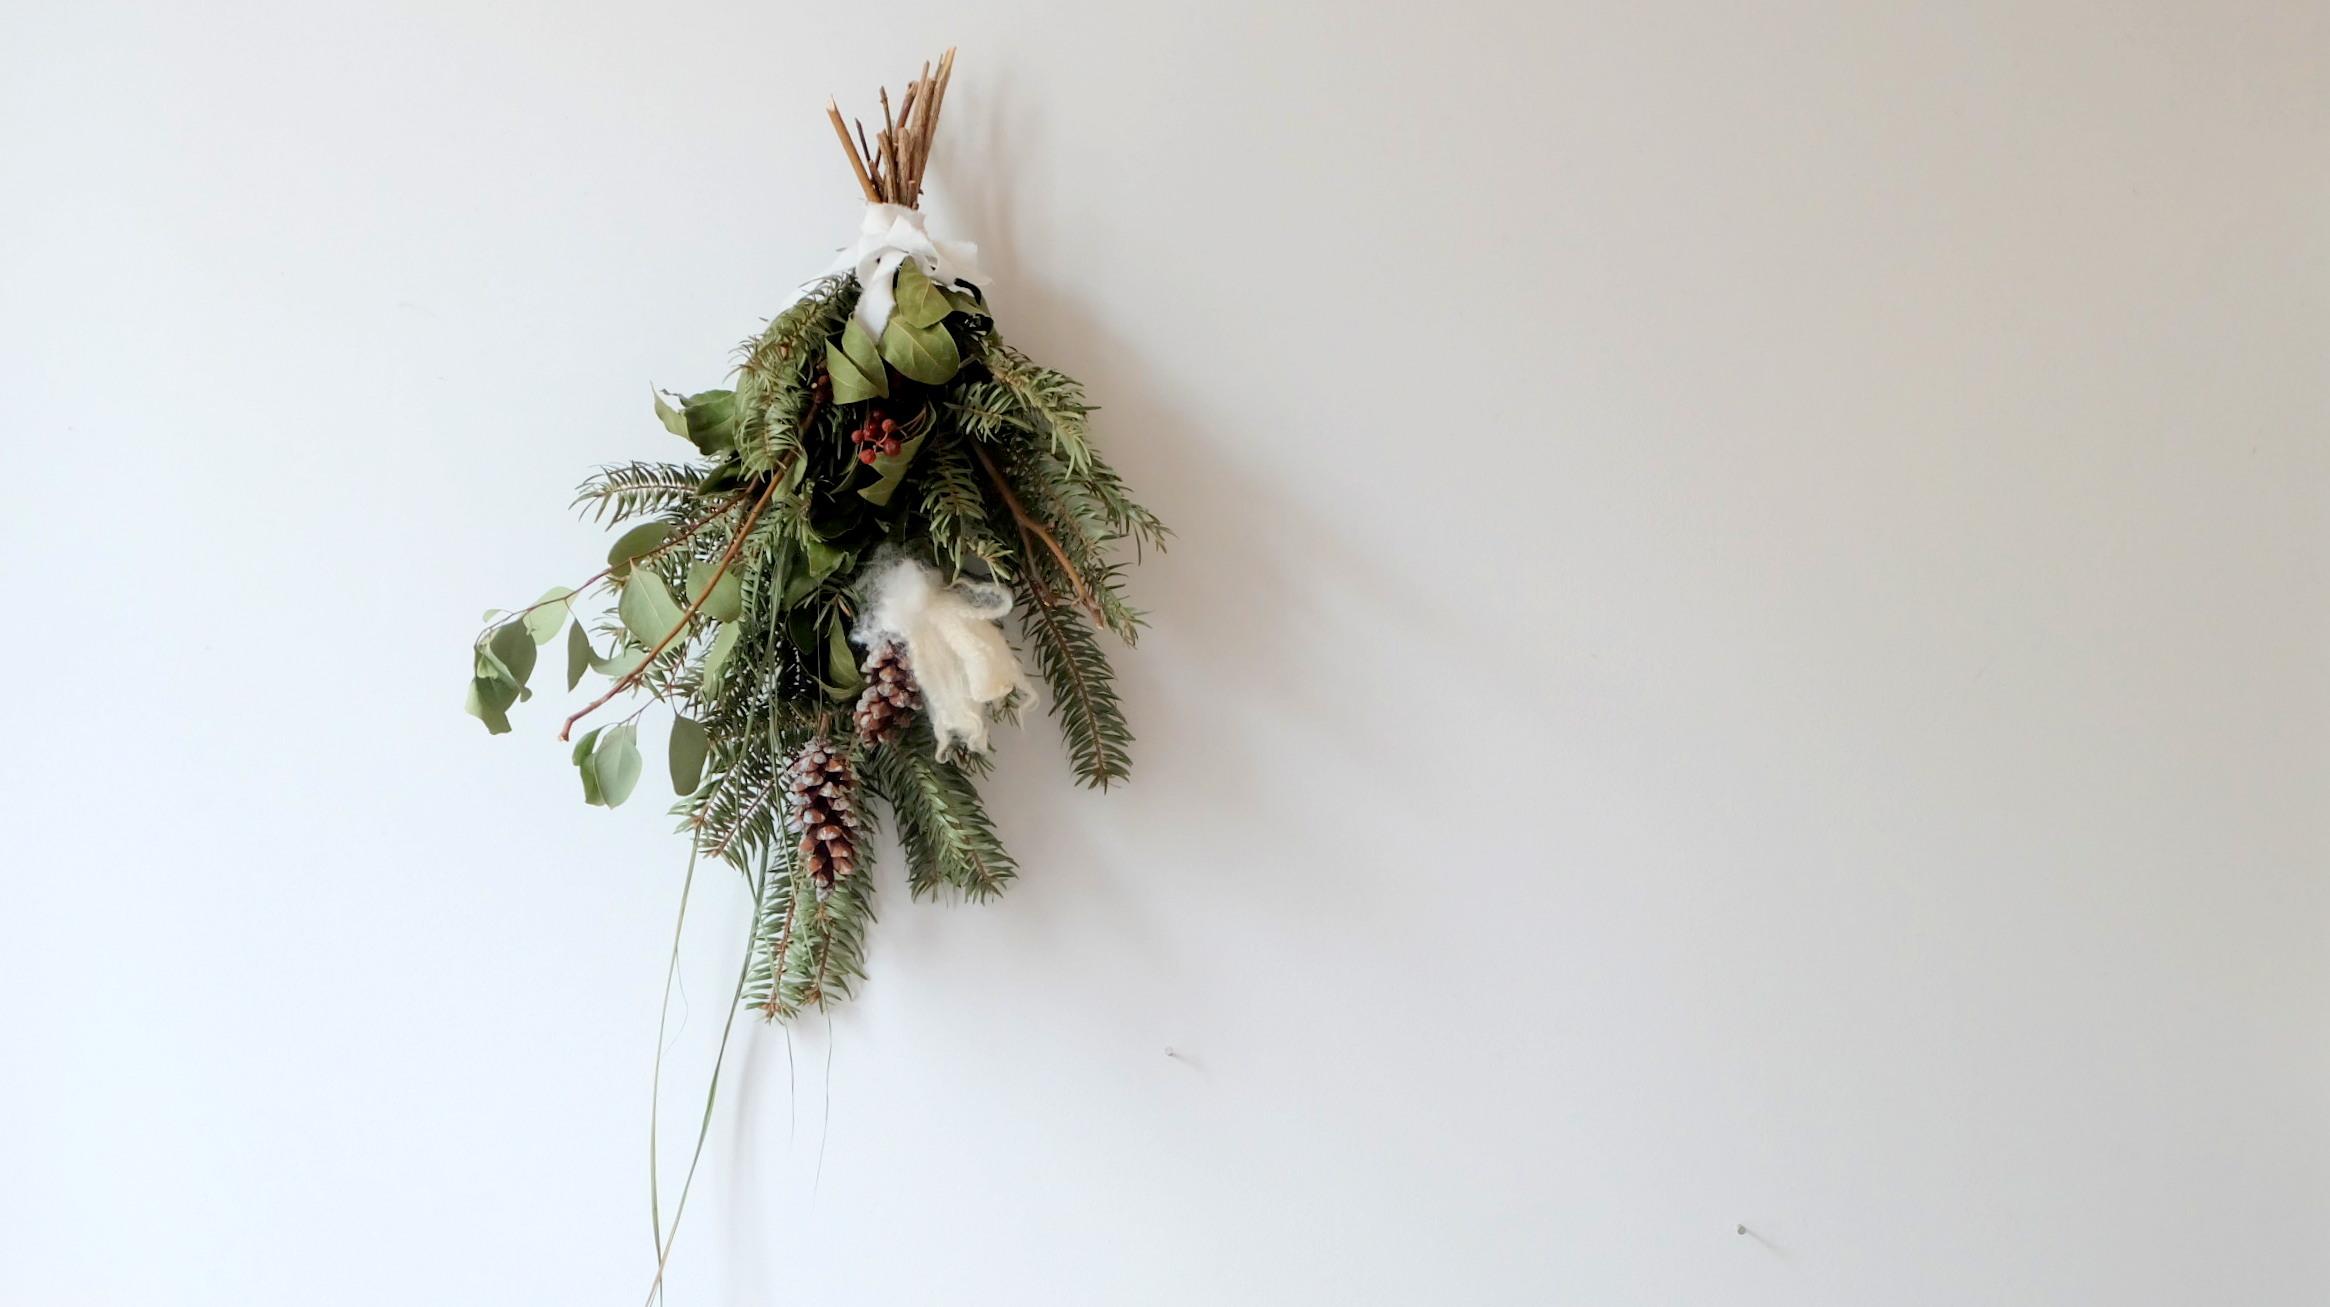 【クリスマス・ワークショップ第2弾のお知らせ/12月8日(日)】「冬のスワッグづくり」を開催します。